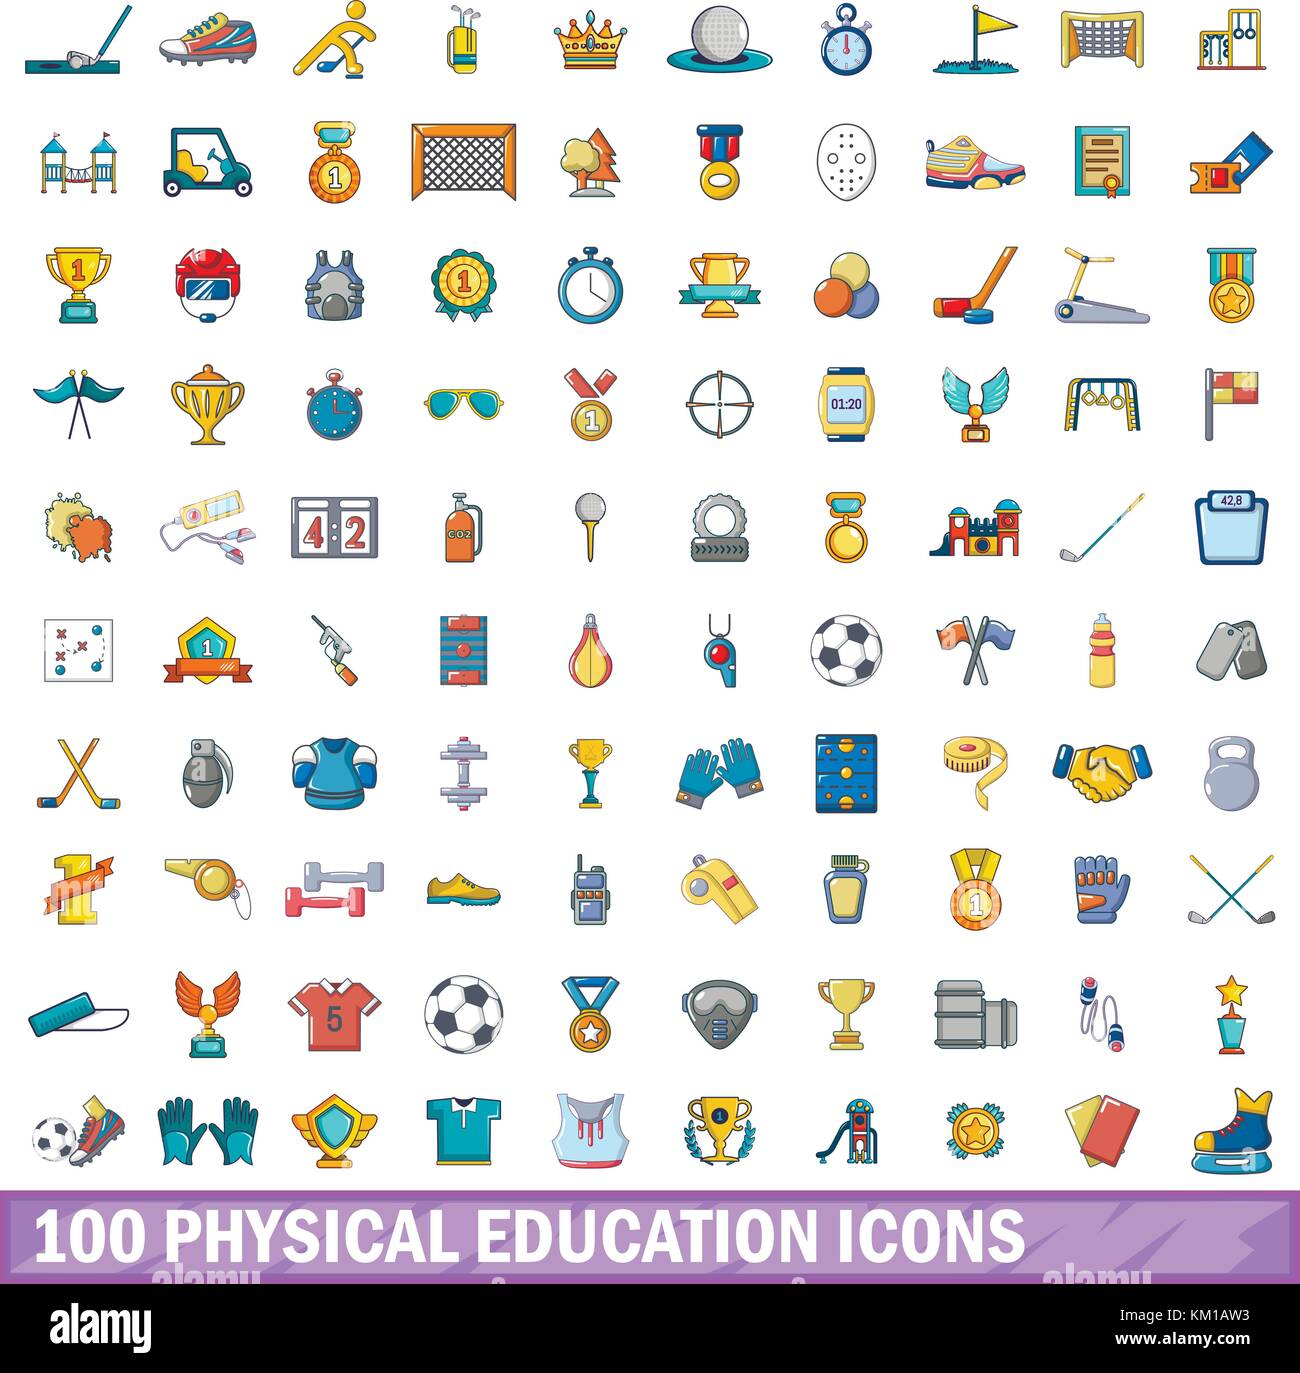 100 La Educación Física El Conjunto De Iconos De Estilo De Dibujos